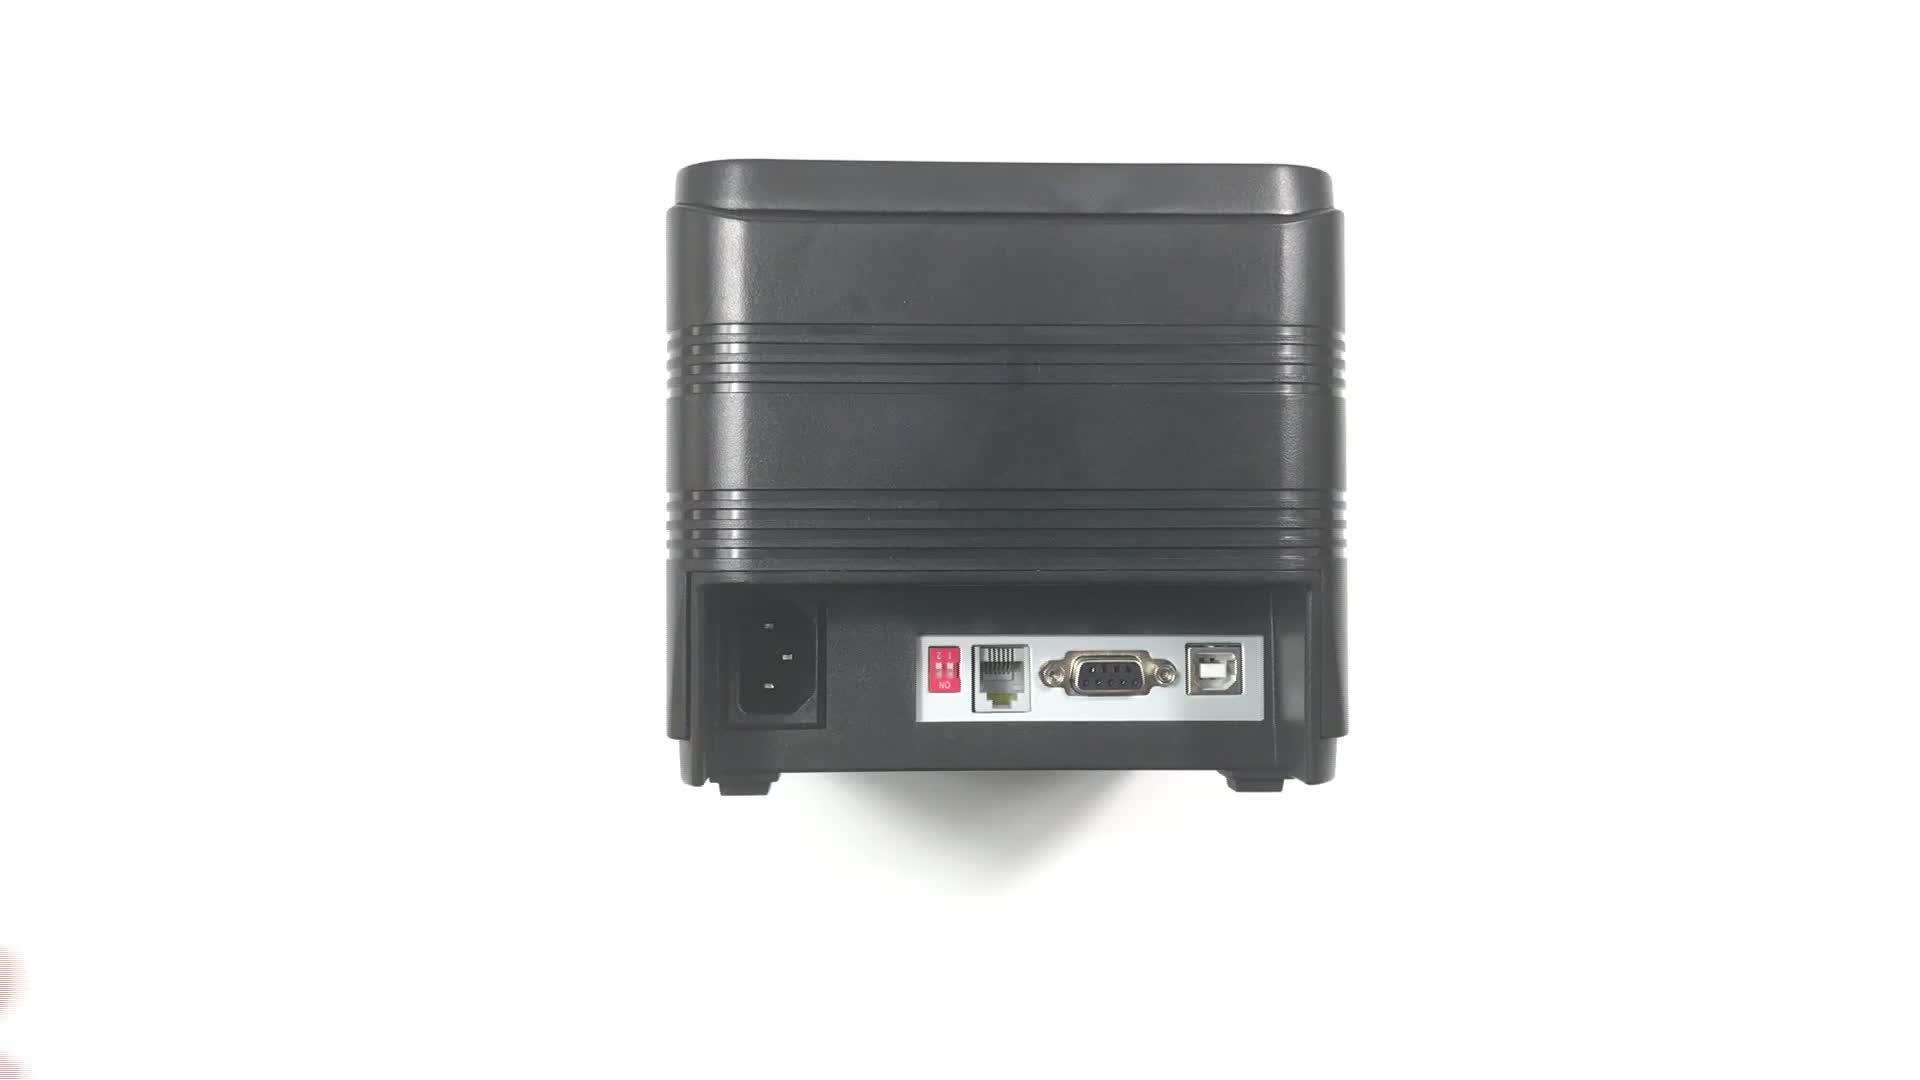 80mm 열 영수증 pos 프린터 자동 커터 금전 등록기